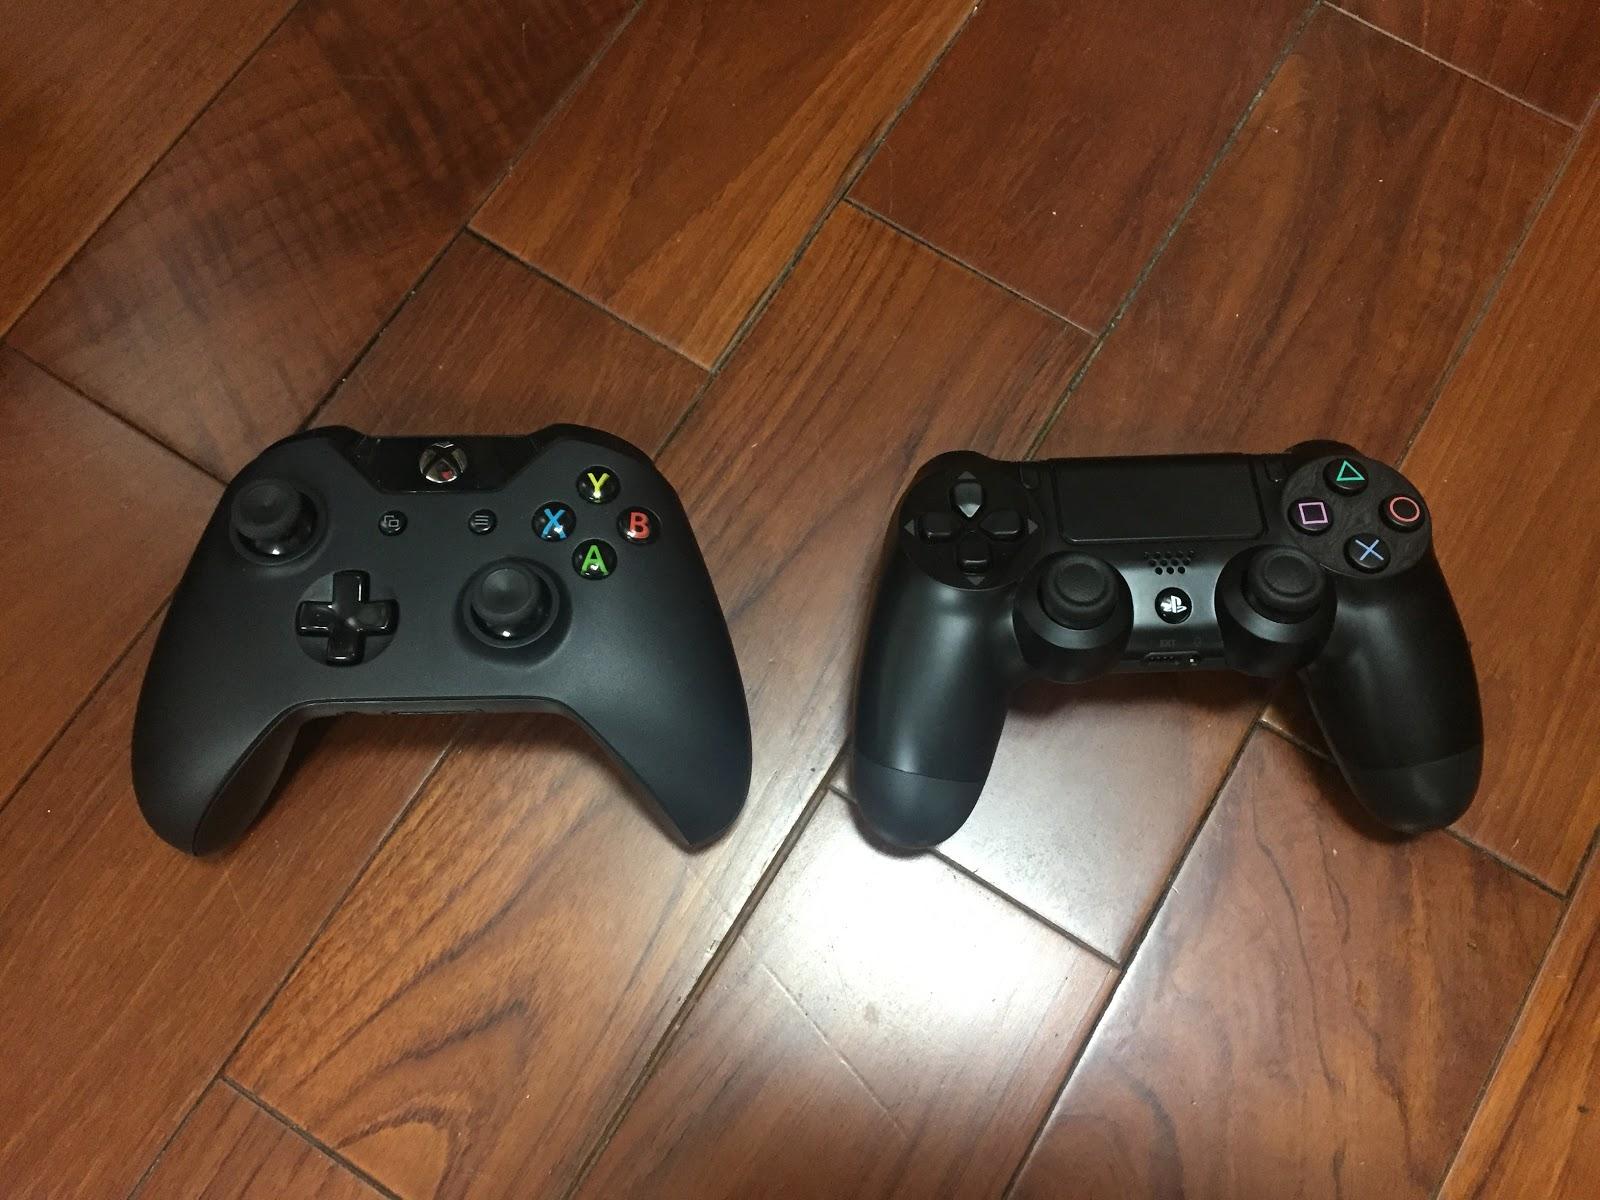 遊戲世代: [硬體] Xbox 和 PS4 電腦用手把簡評